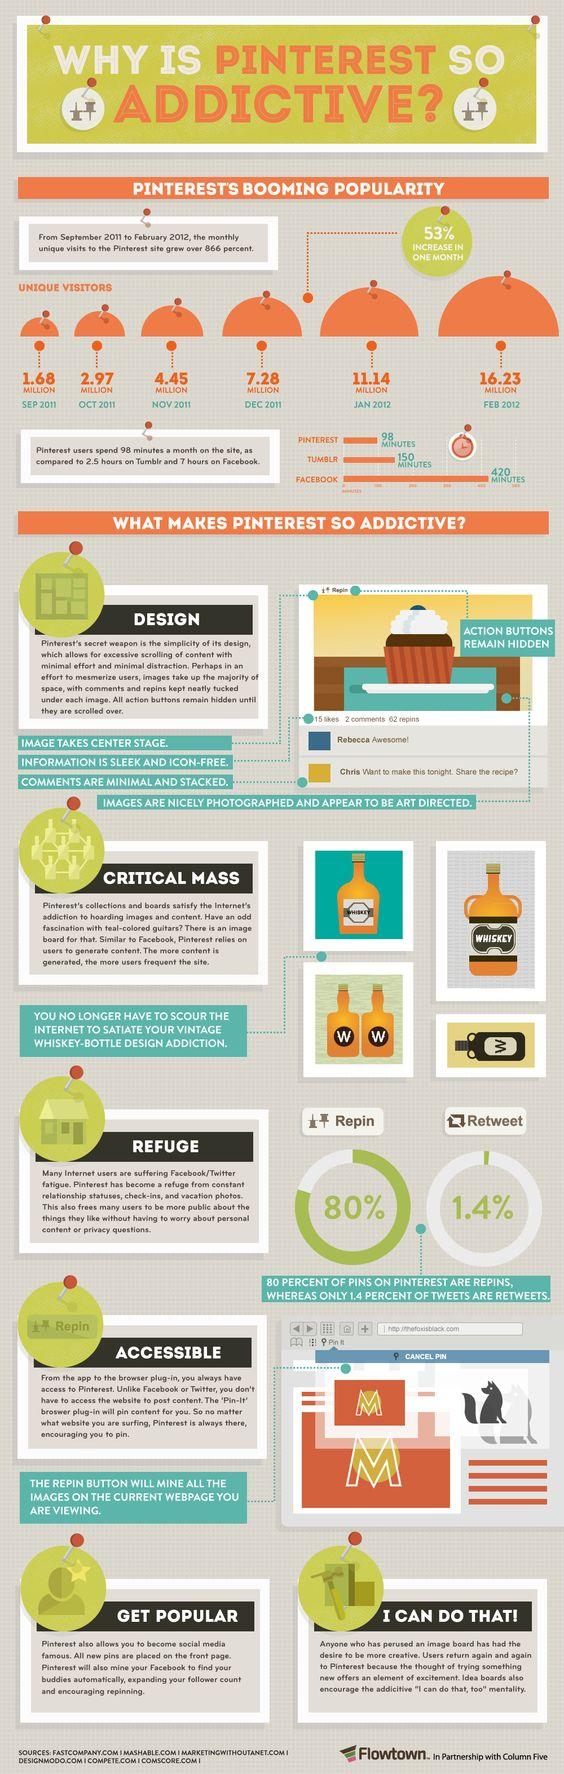 ¿Por qué Pinterest es tan adictivo? #infografia #infographic #socialmedia | TICs y Formación